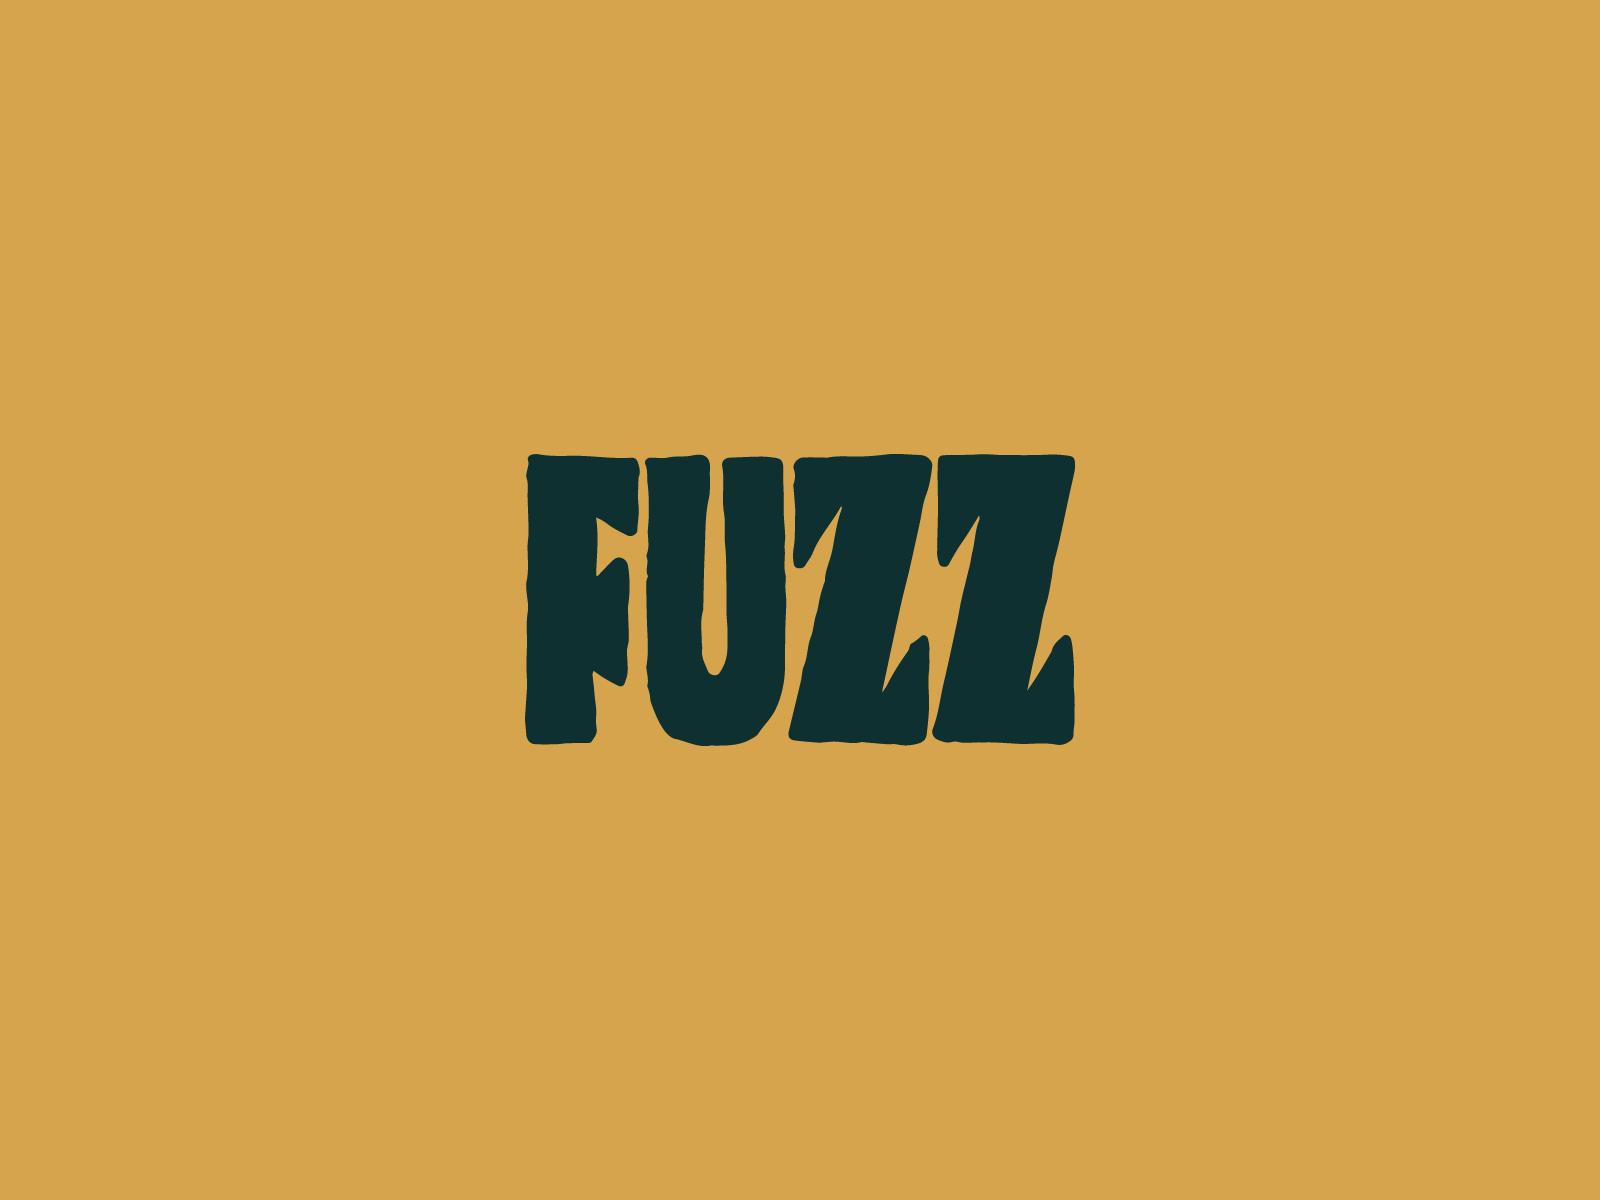 Fuzz3